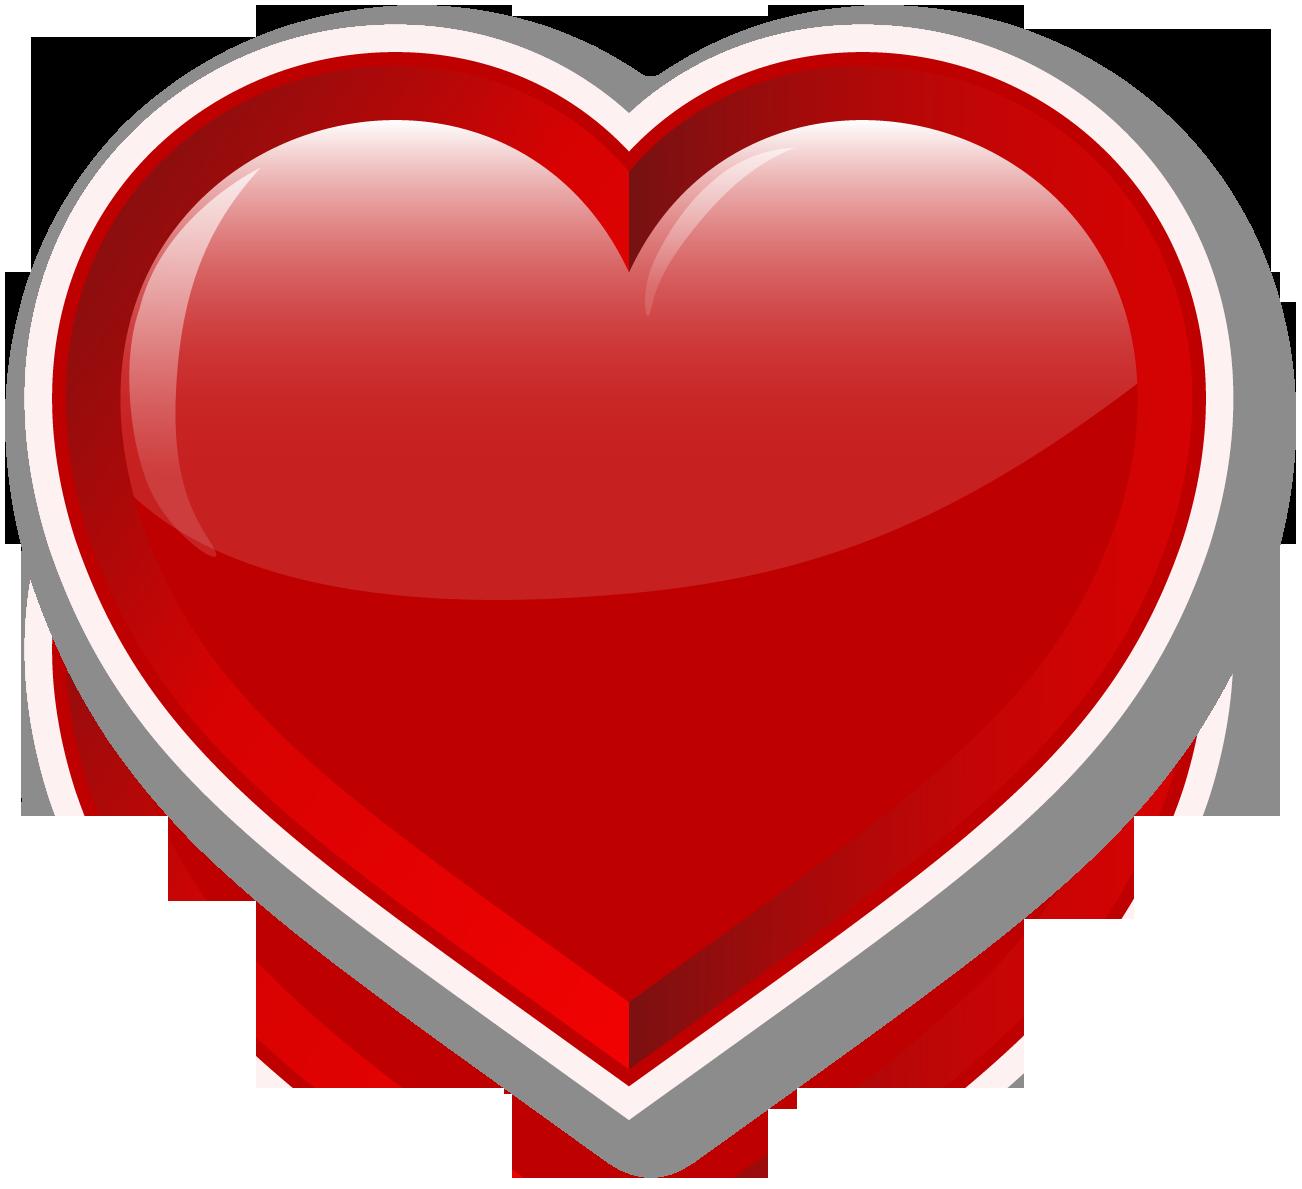 Heart cross clipart svg Heart Clipart Clipart red colour - Free Clipart on Dumielauxepices.net svg